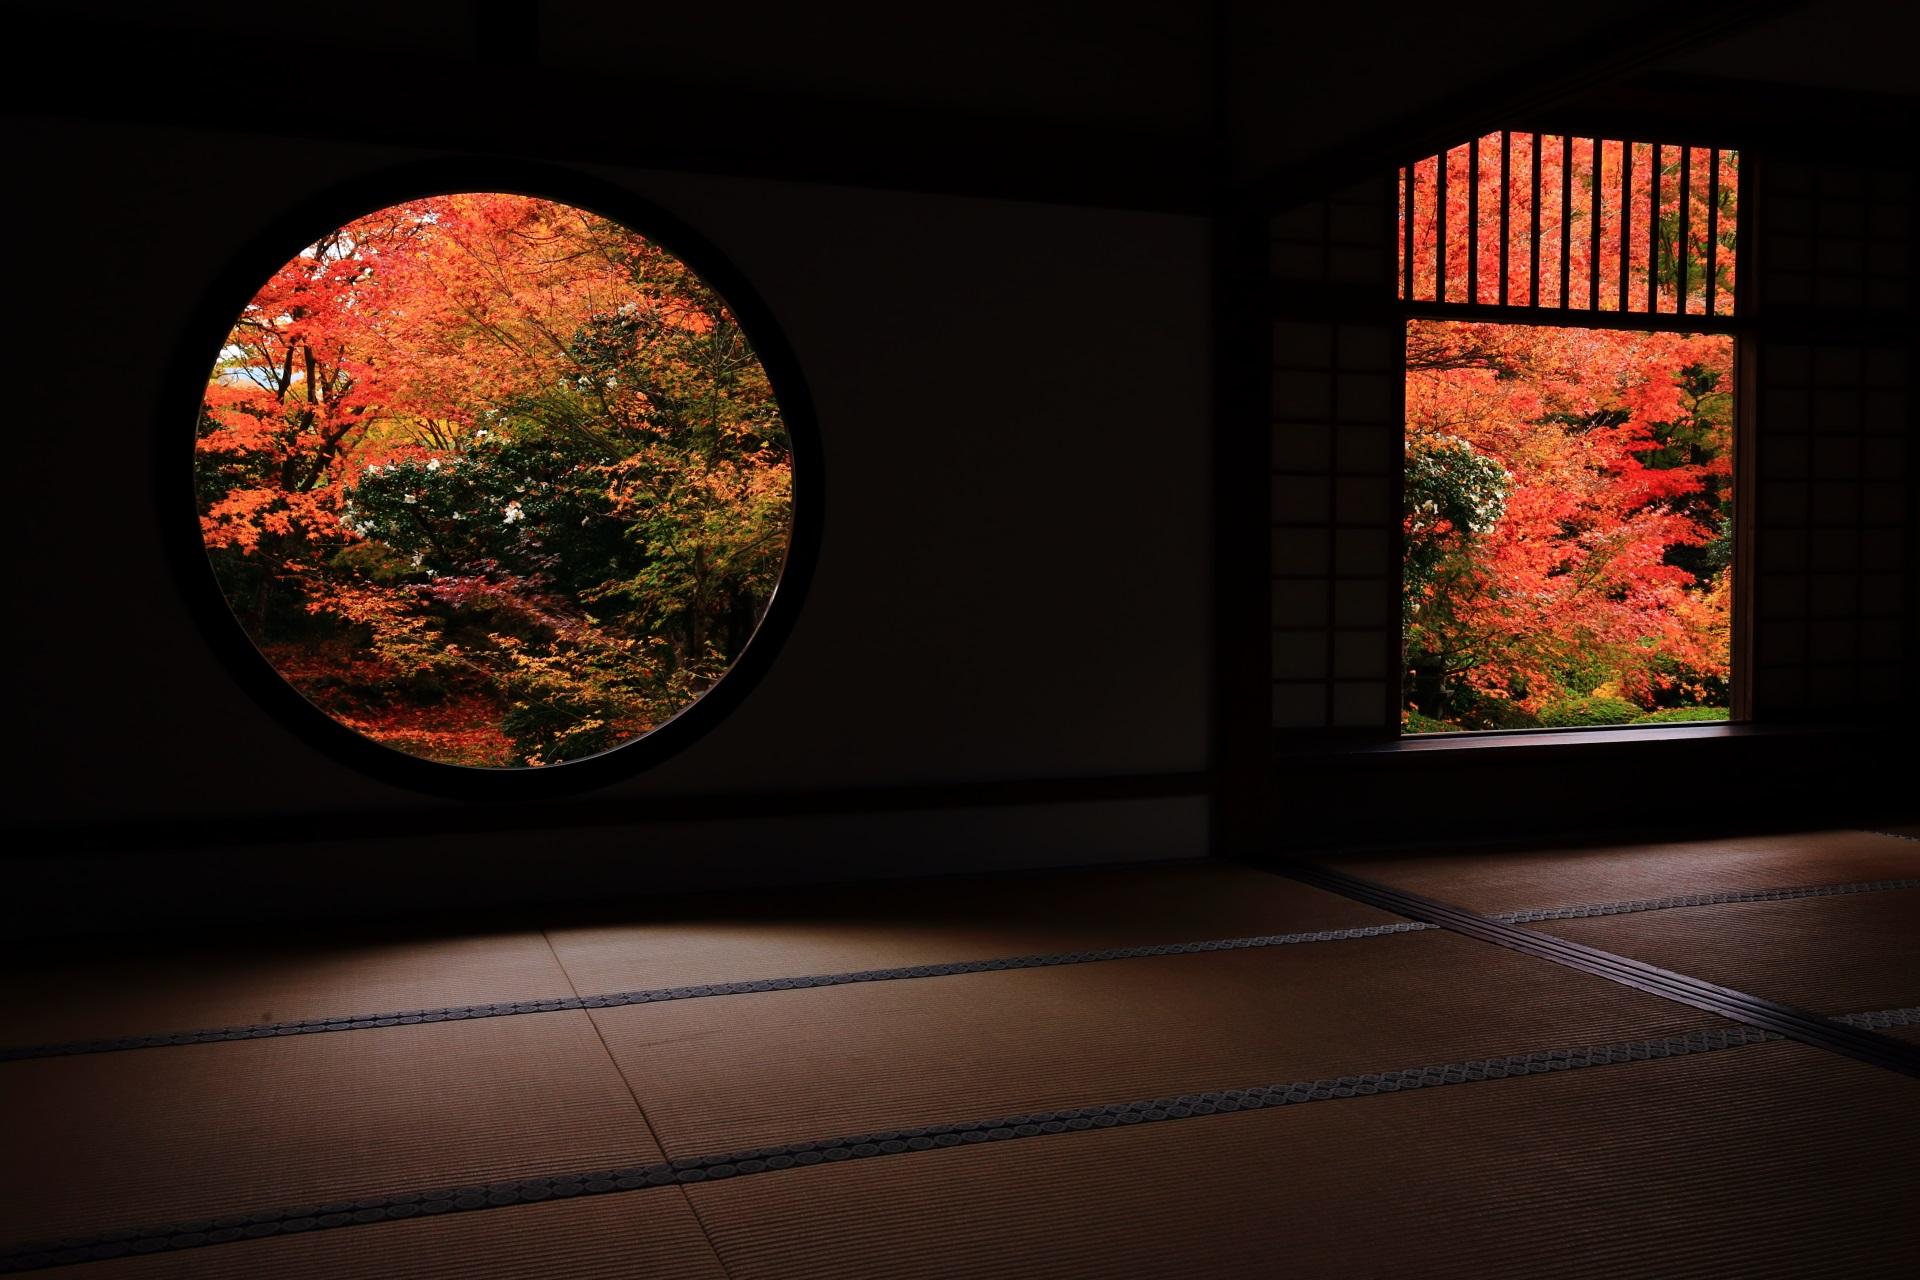 源光庵の素晴らしい紅葉と秋の情景